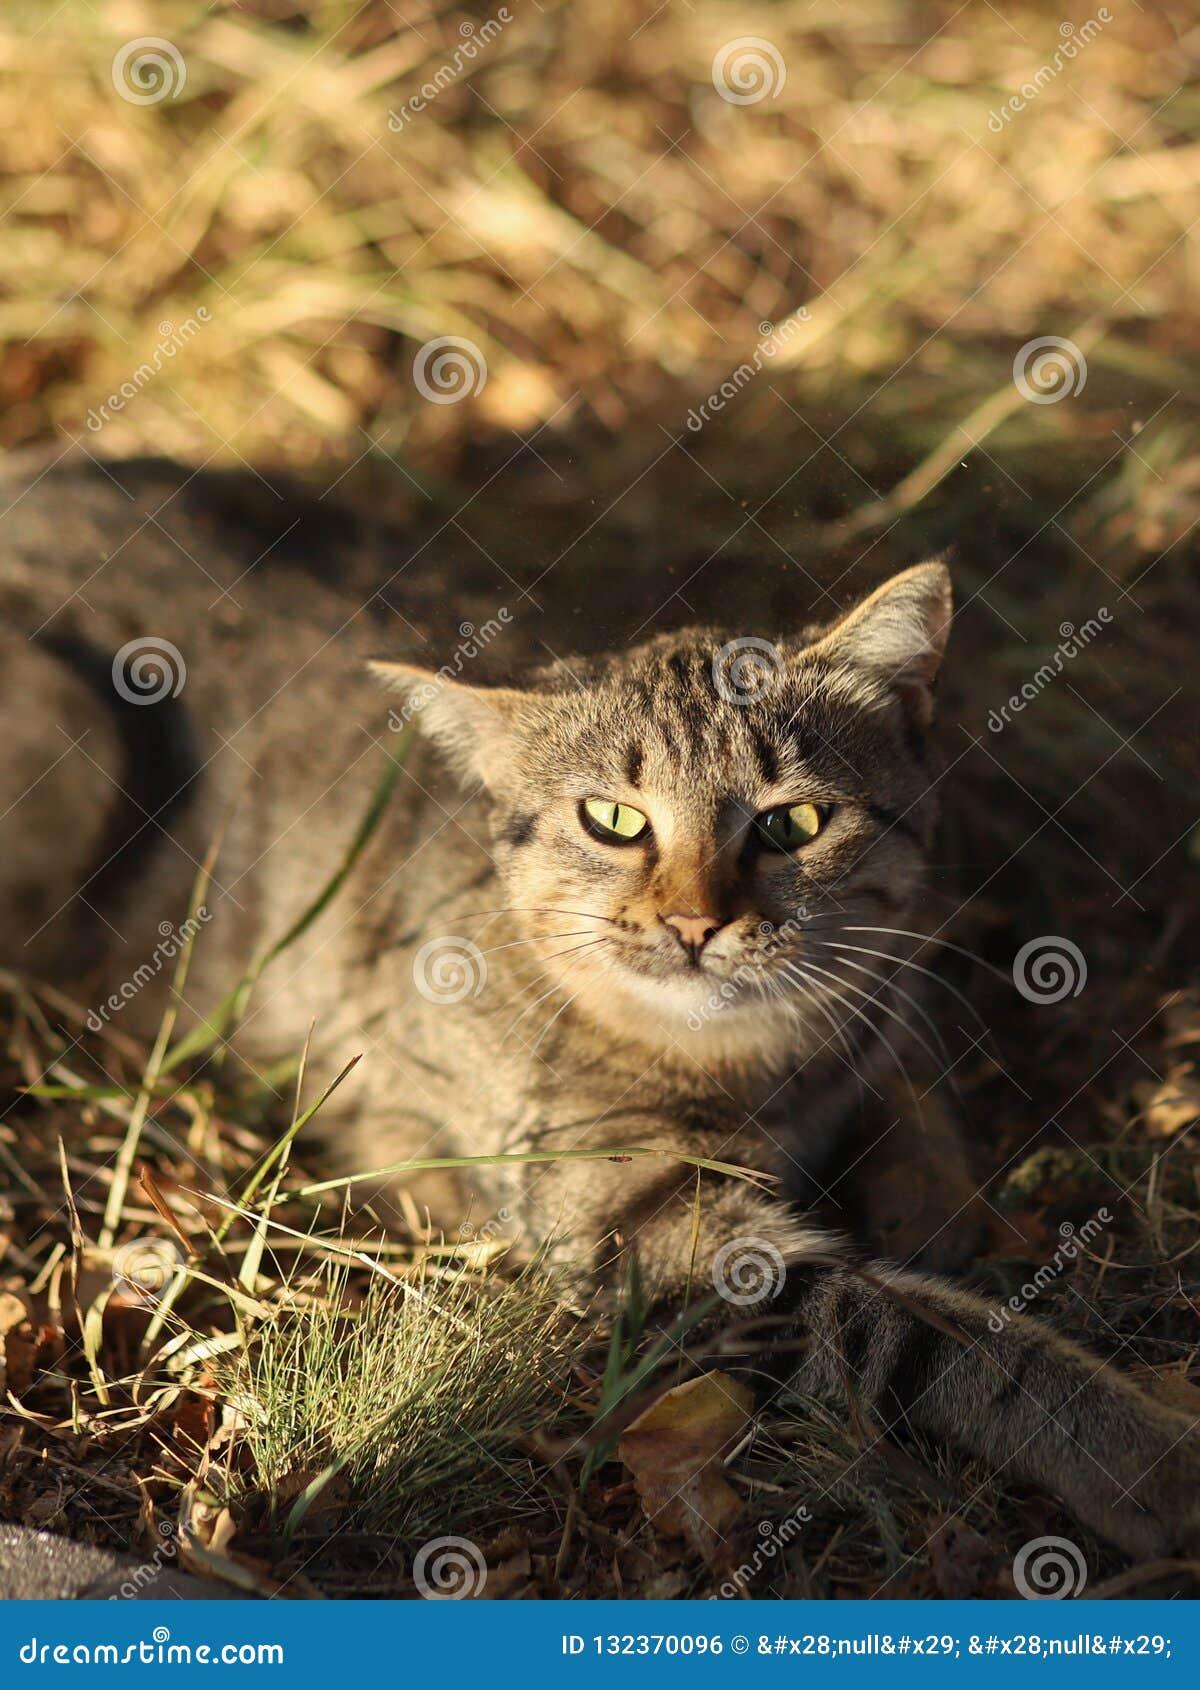 Фото случайного фотографа кота новое, небольшой кот тигра ослабляет